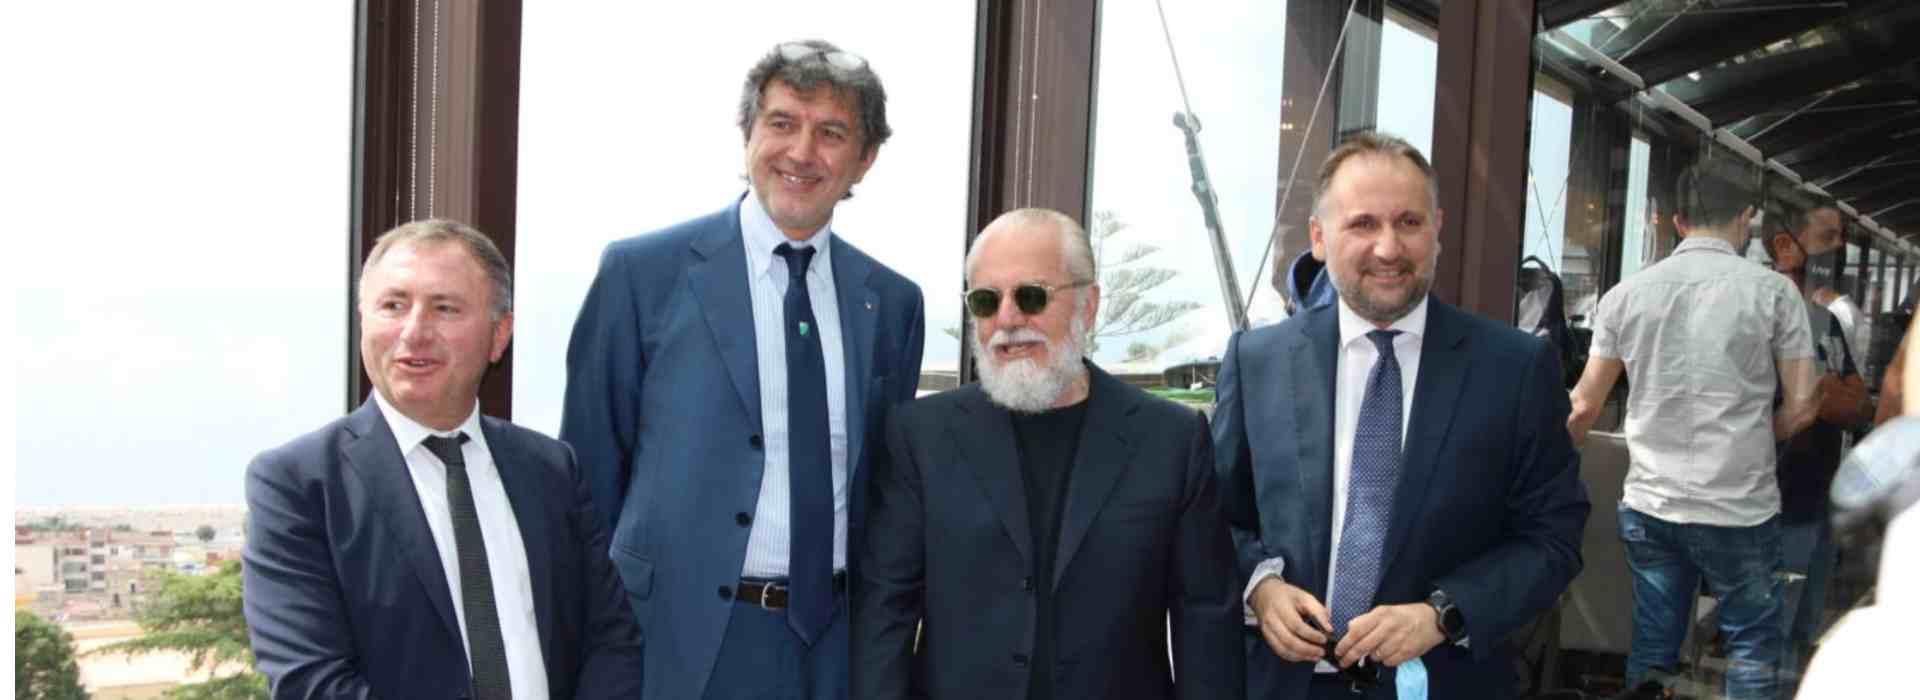 L'Abruzzo in zona rossa e Marsilio 'regala' 220mila euro al Napoli calcio